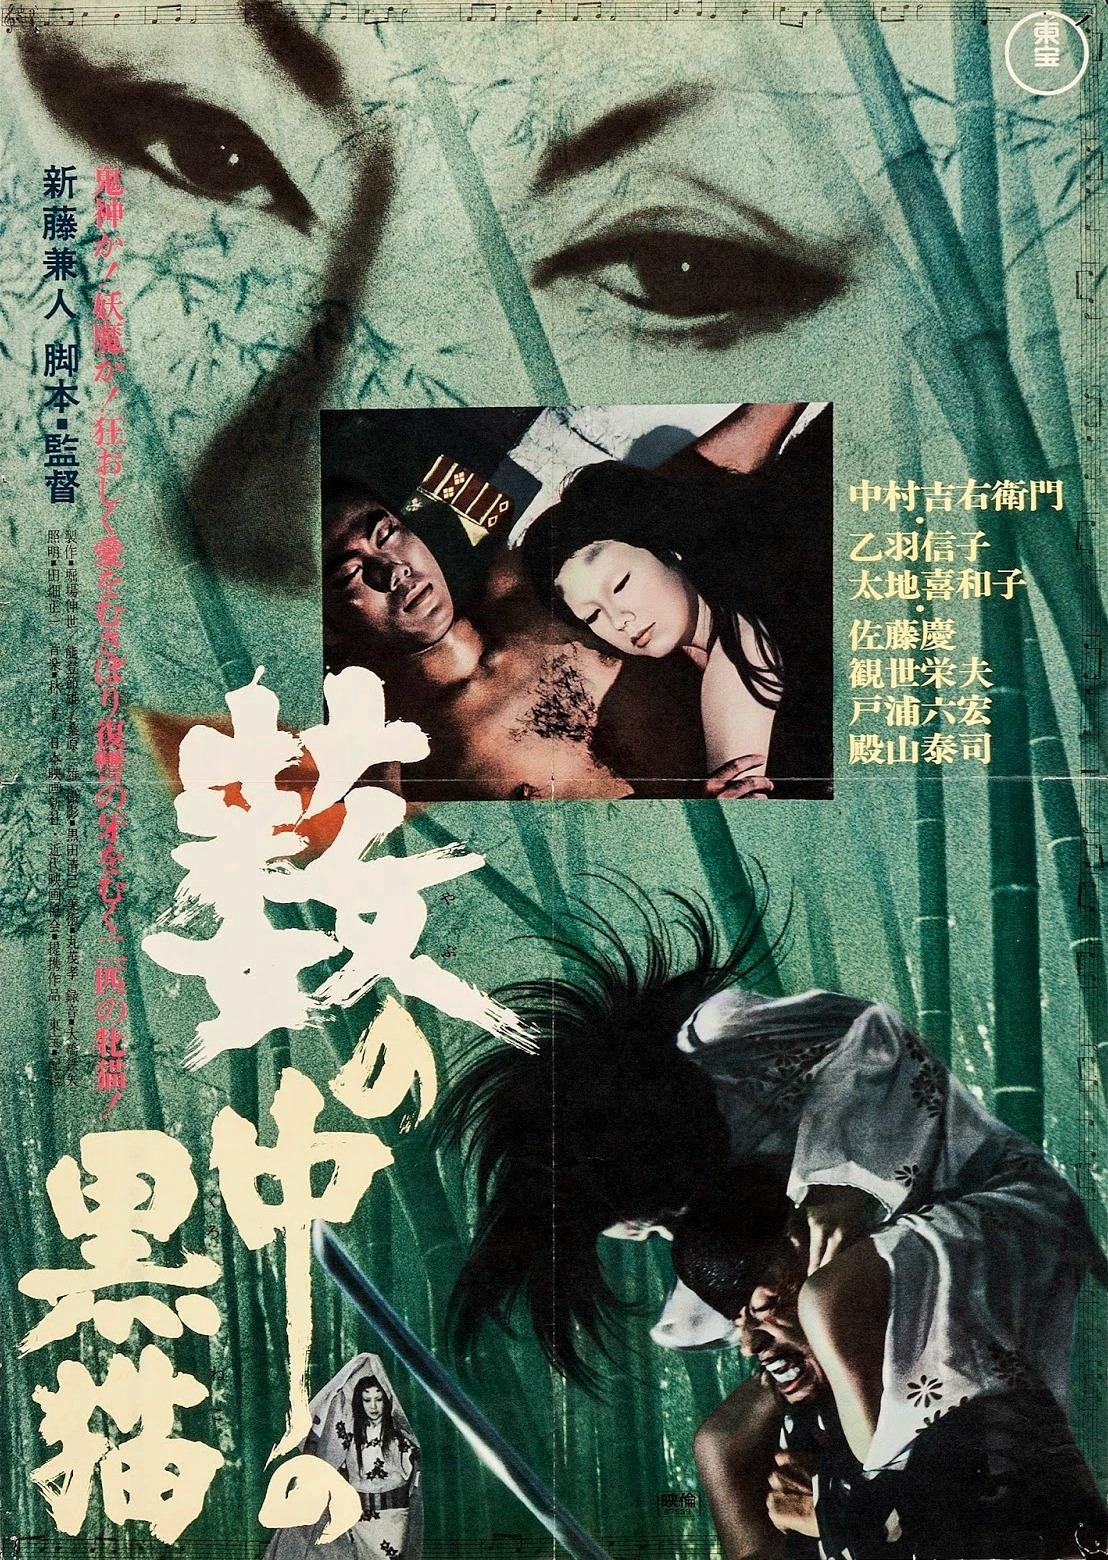 Image Yabu no naka no kuroneko Watch Full Movie Free Online